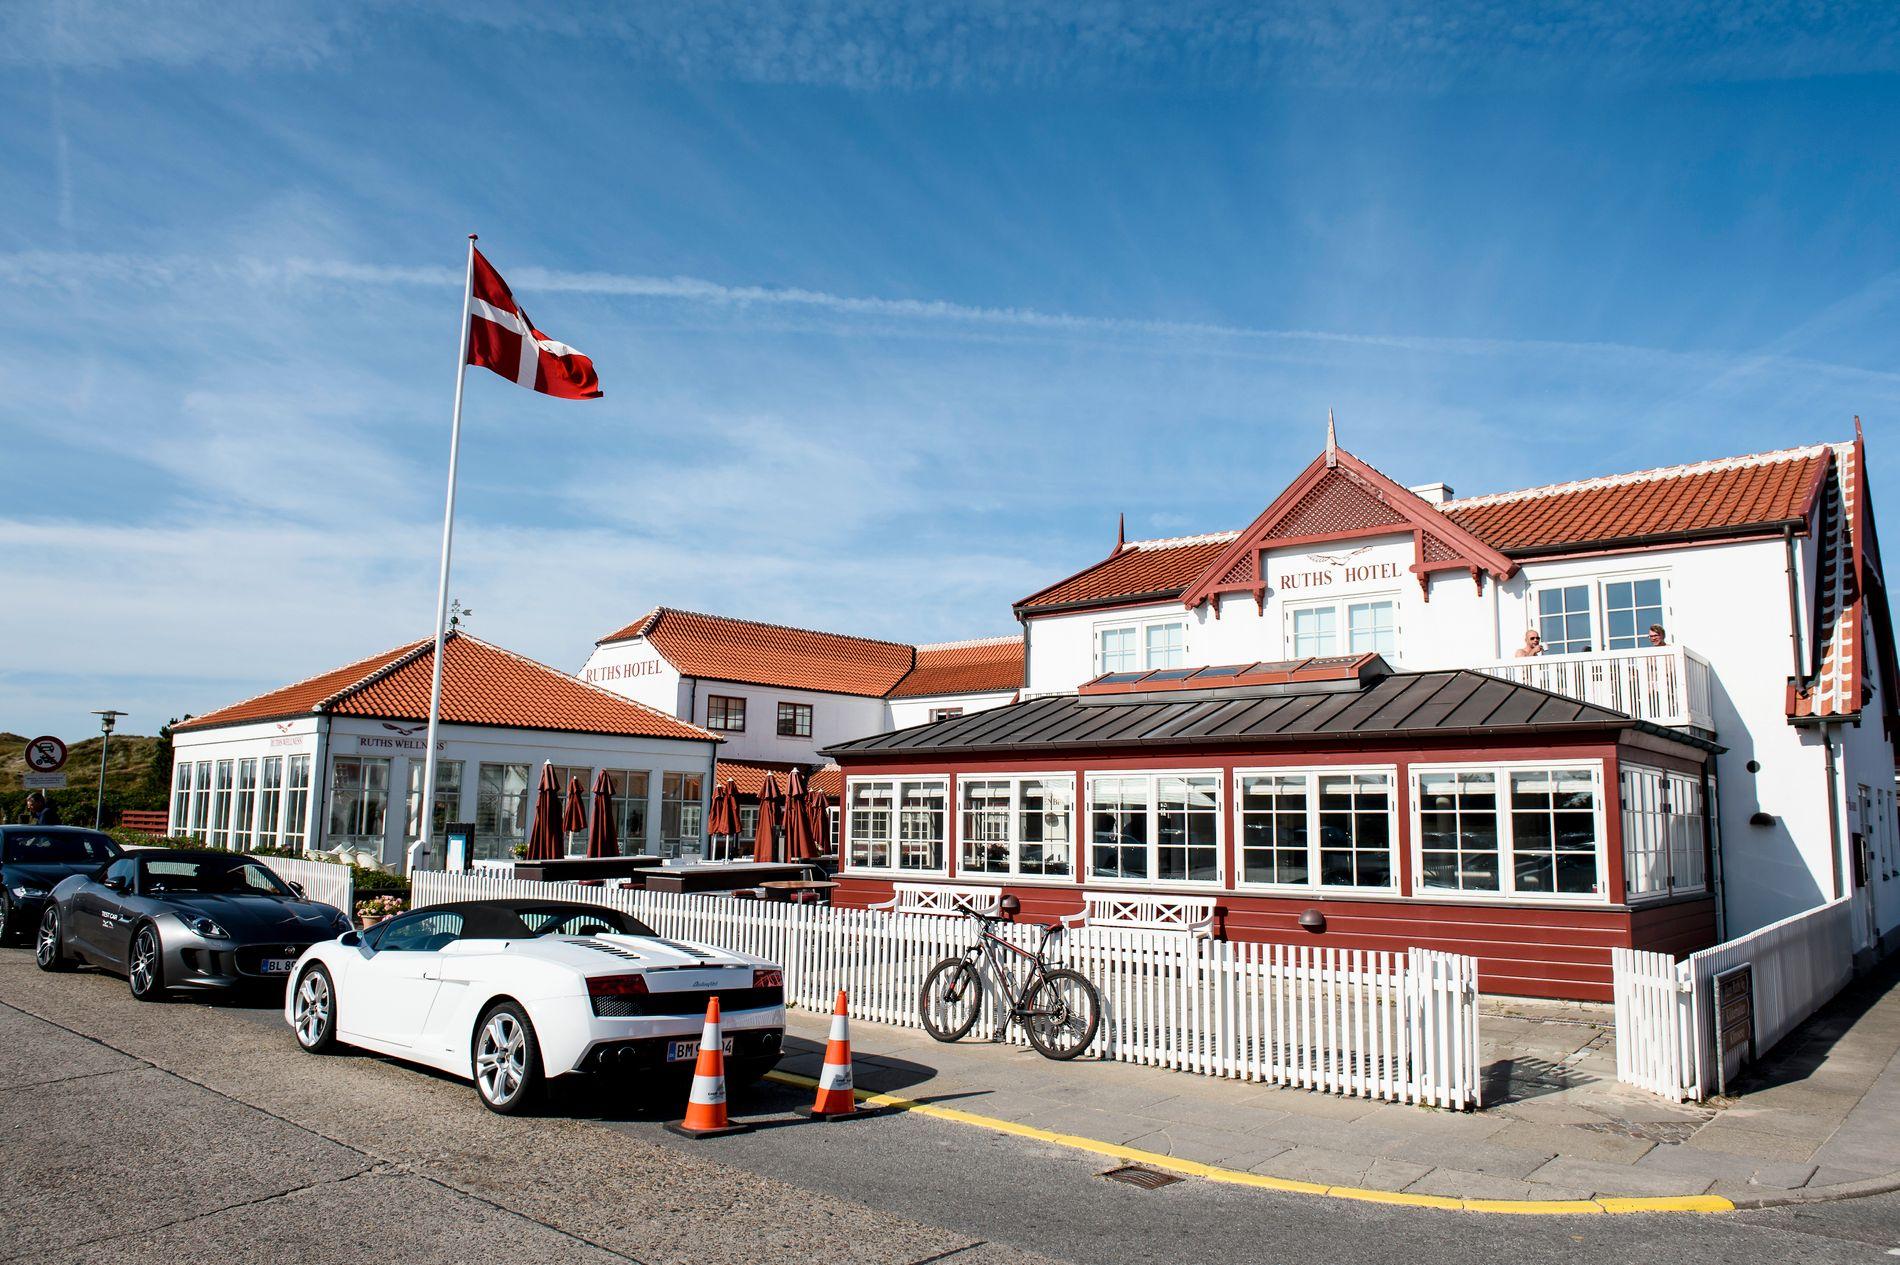 SJOKKERTE: Ruths Hotel er et kjent turisthotell i Gamle Skagen. Administrerende direktør sier at de ikke har visst om hvordan hummerne ble levert til restauranten deres. Foto: RENÉ SCHÜTZE / EKSTRA BLADET